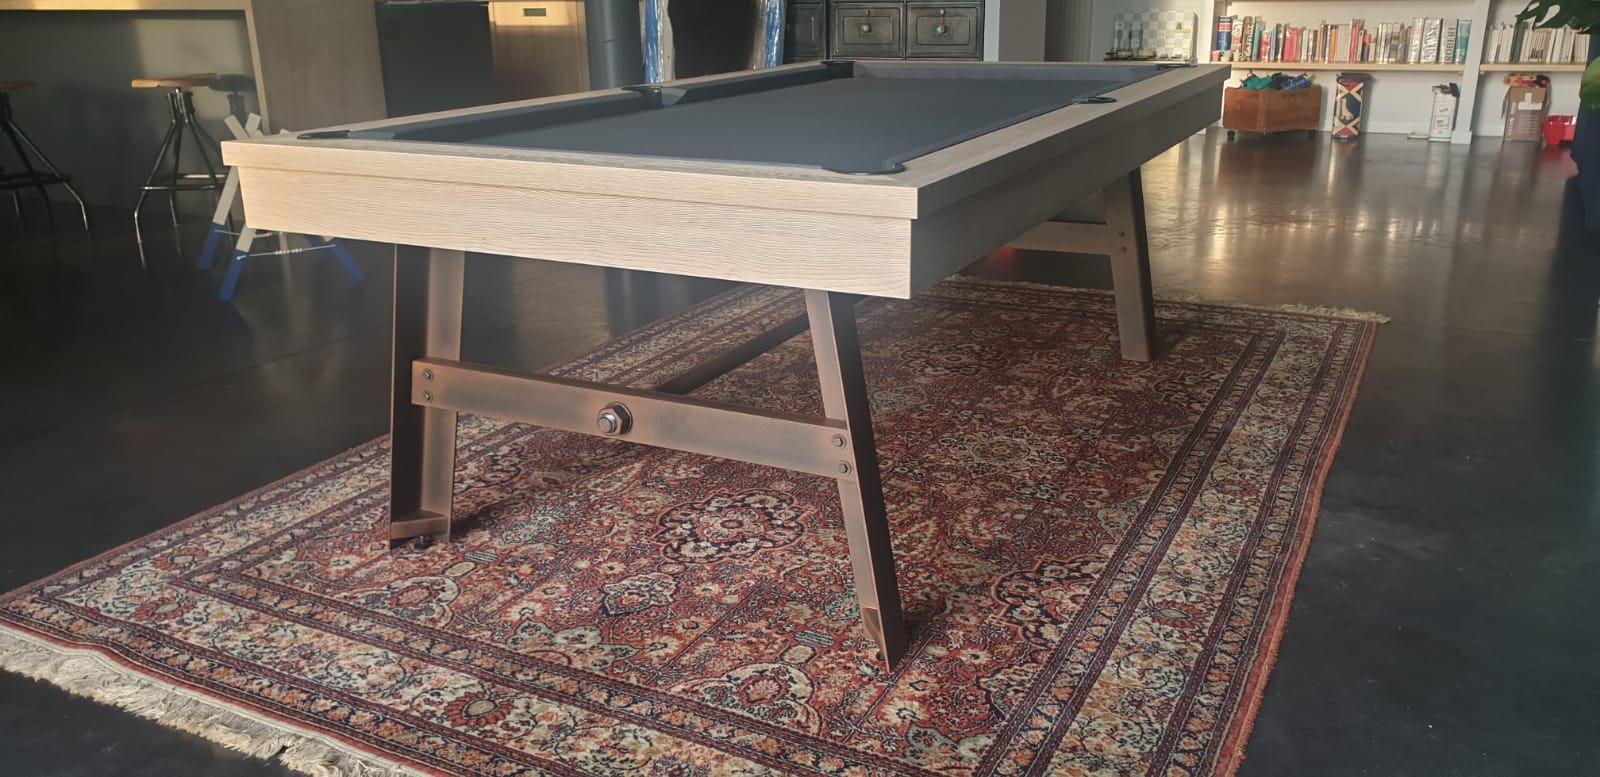 Billard table VINTAGE finition chêne nature  et pieds acier vieiilii tissu gris foncé